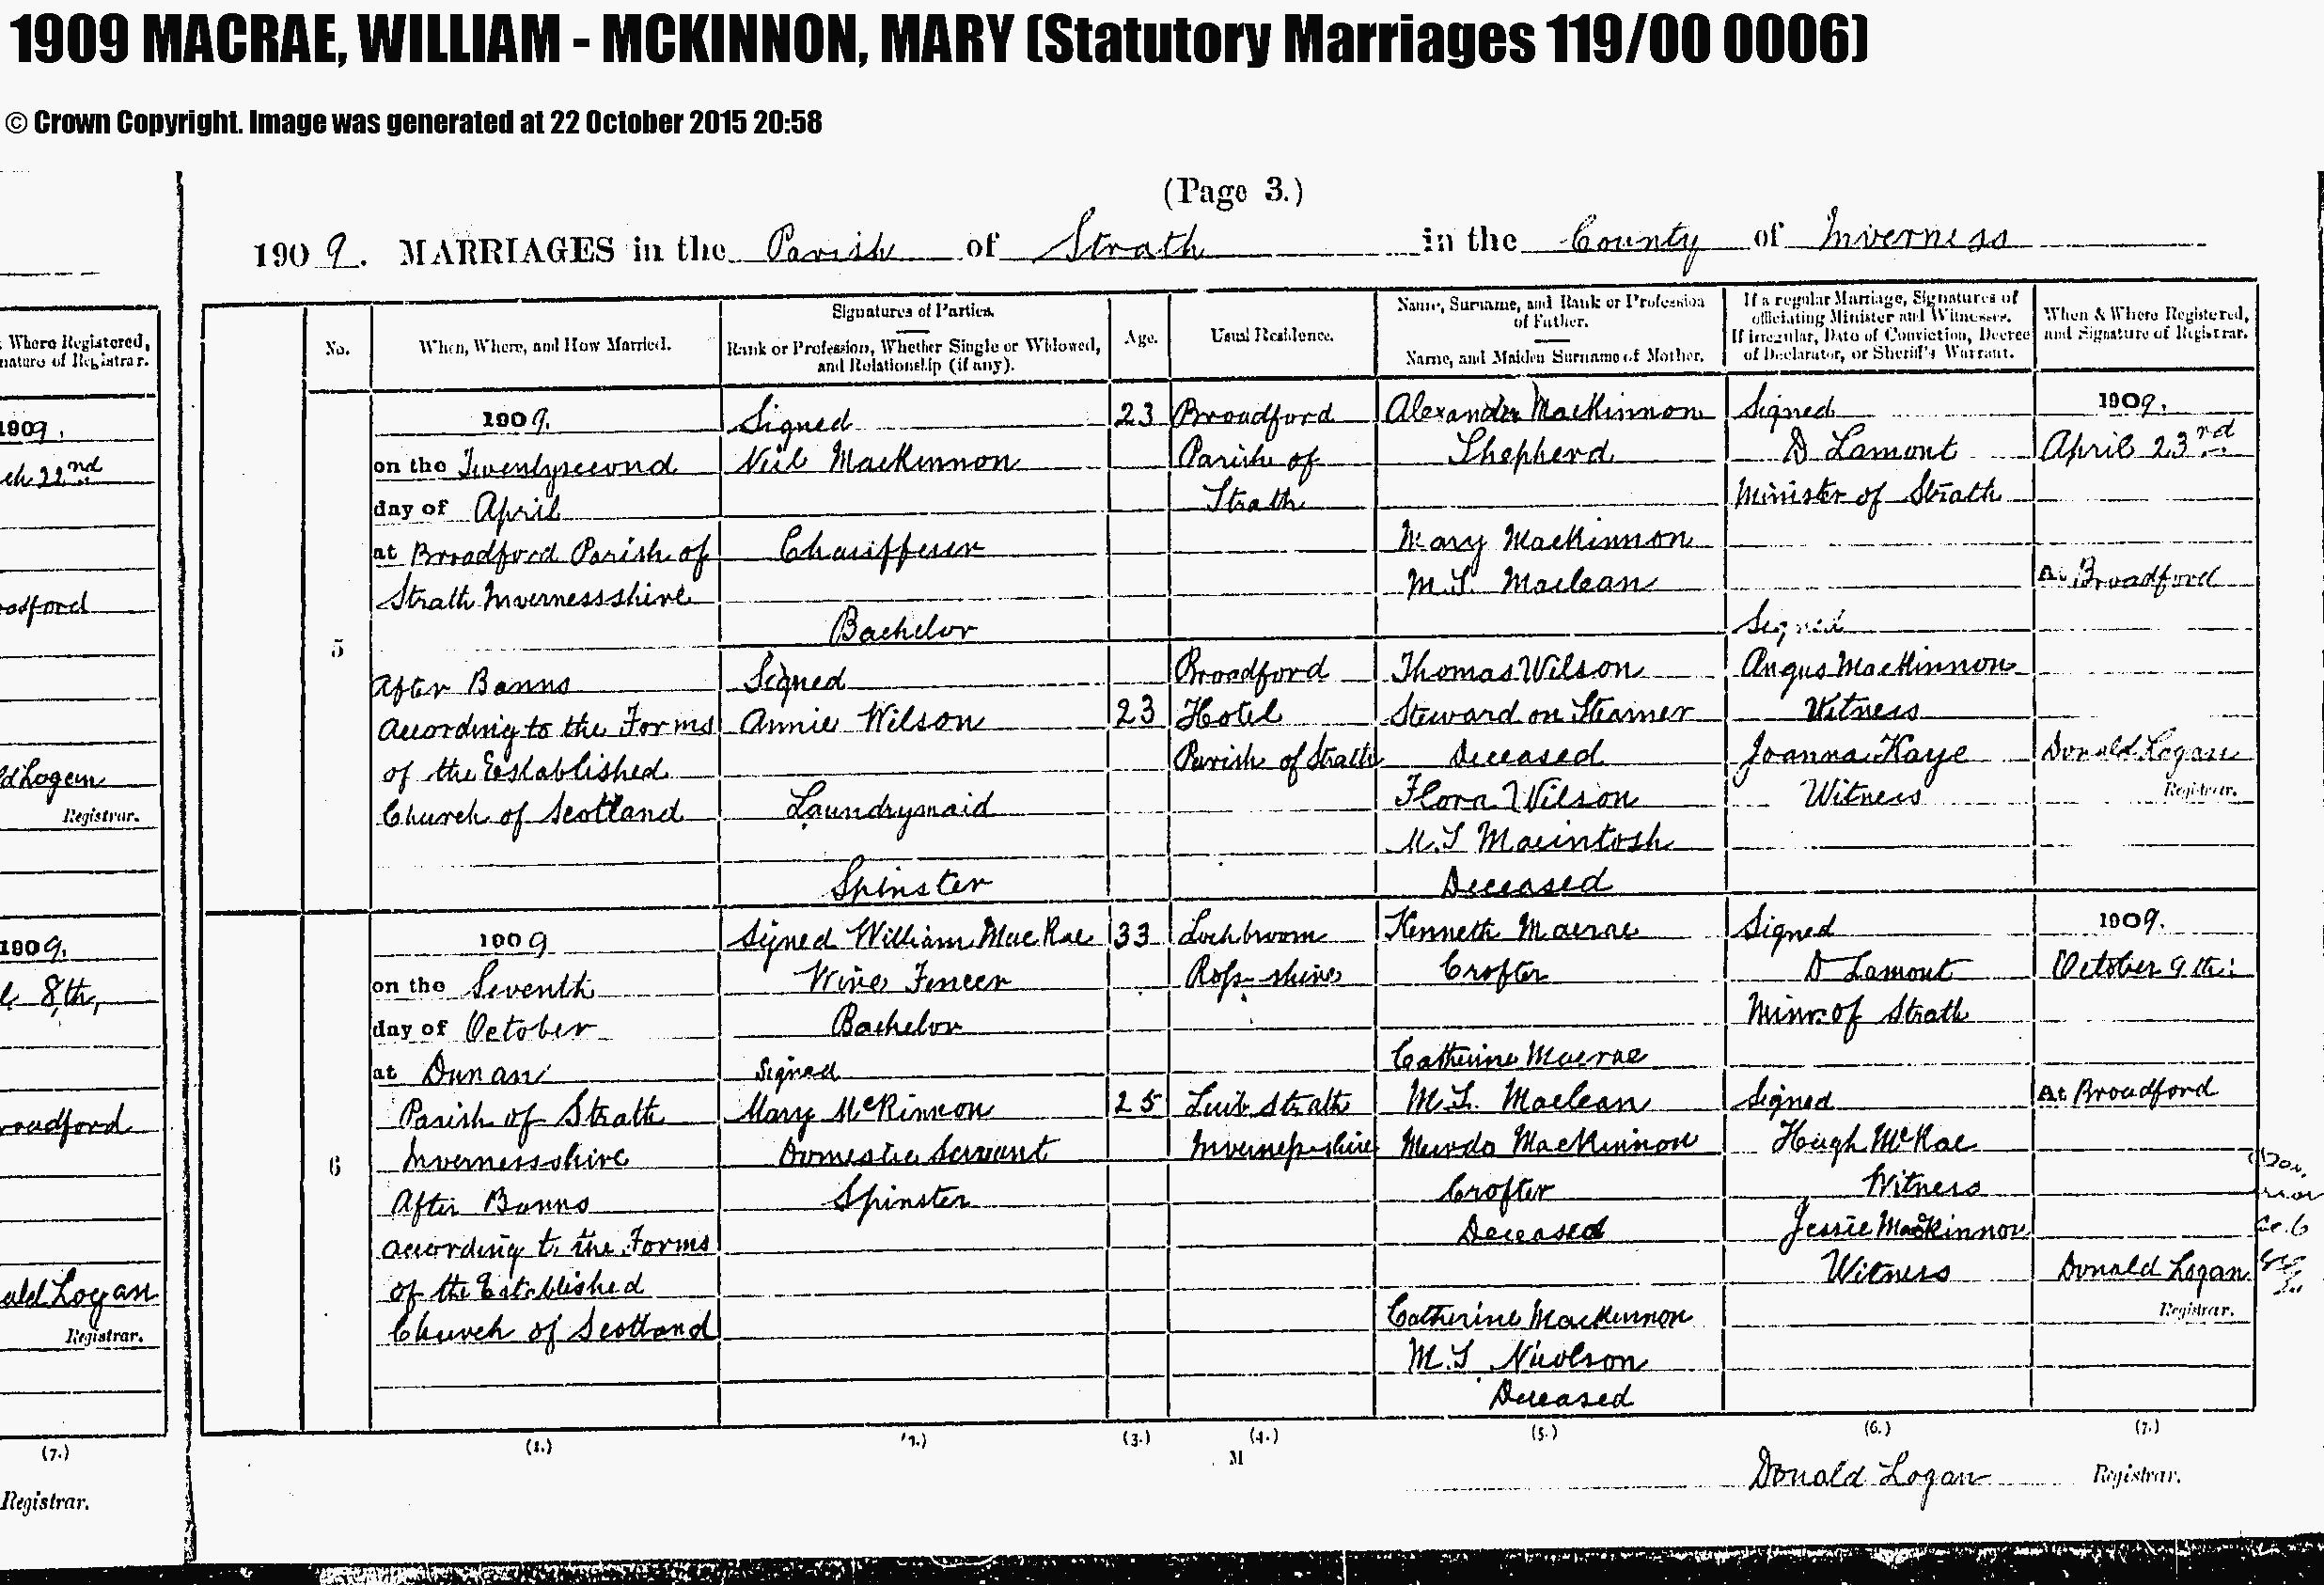 William Gordon MacRae